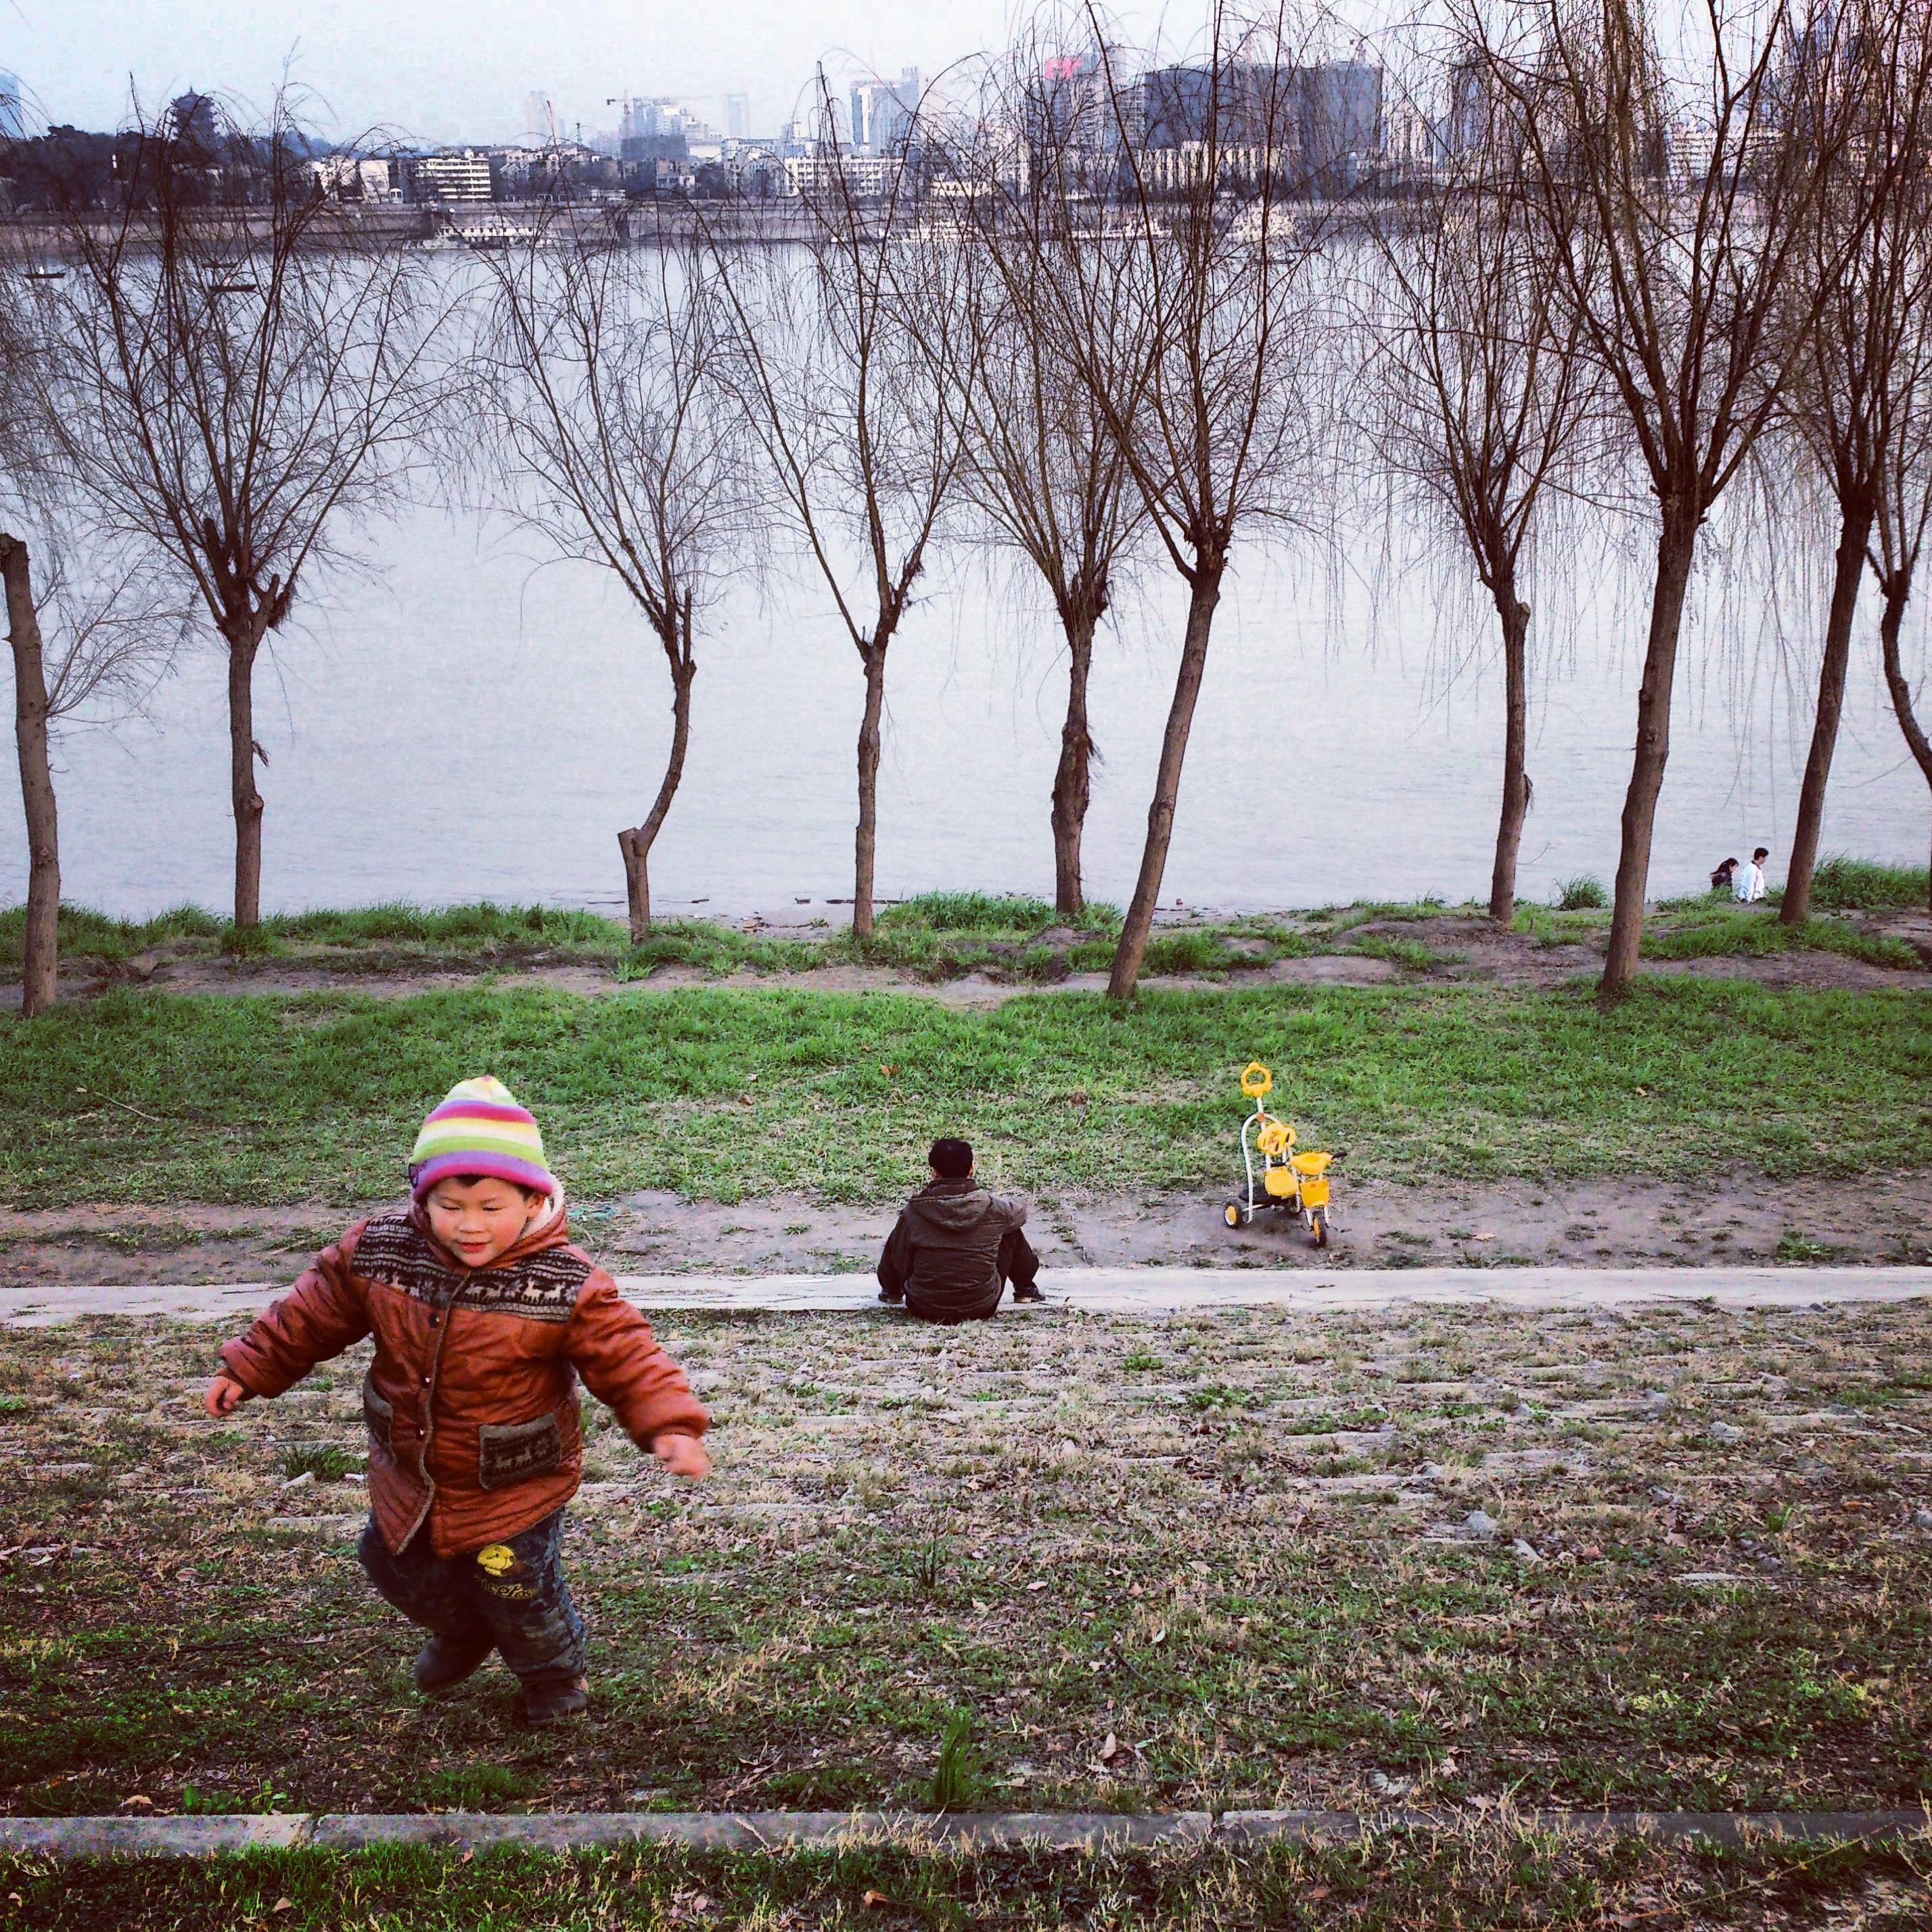 2013年,谌毅拍摄于汉阳江滩,一对父子正在那玩耍。